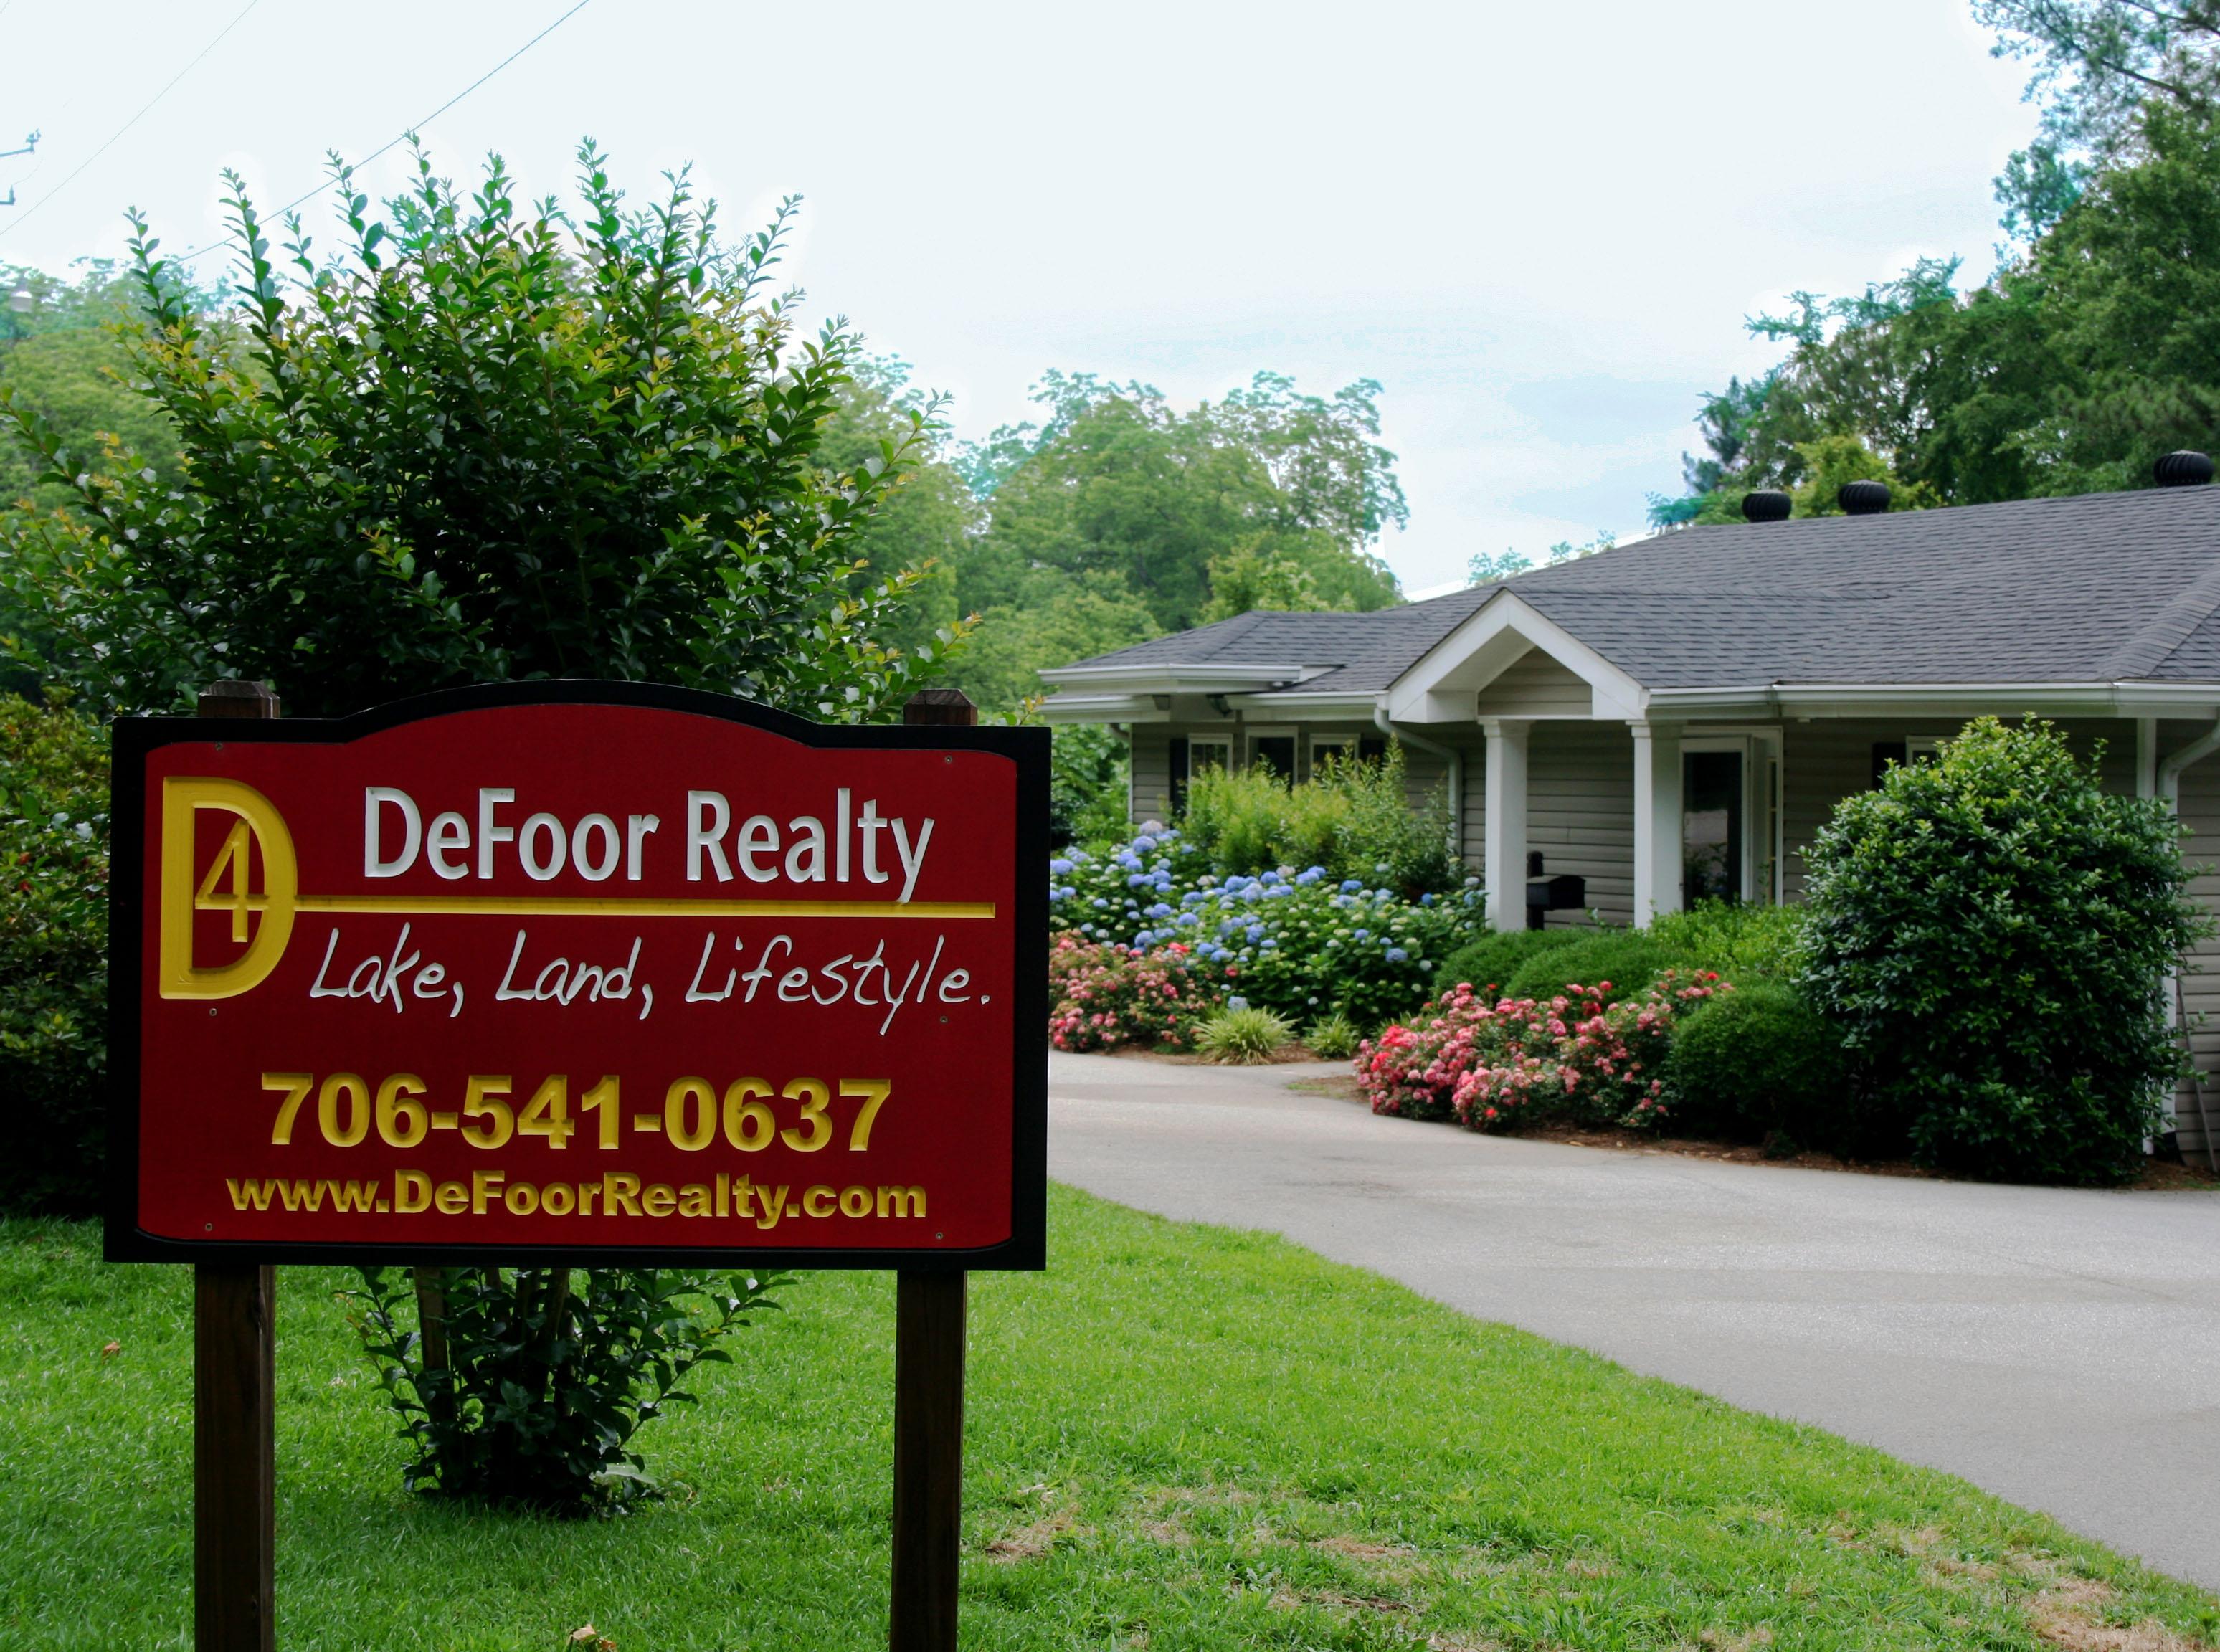 DeFoor_Realty_Office_front-1